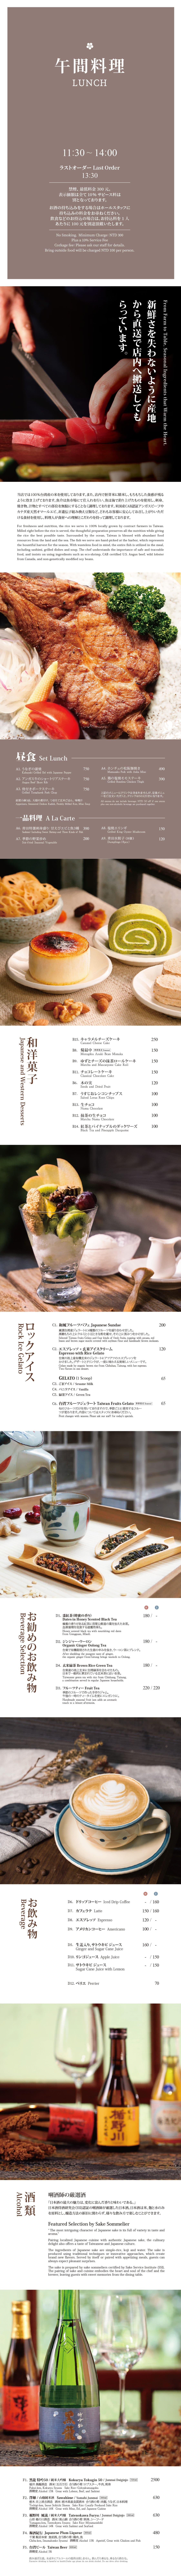 青田七六-ランチメニュー-202005